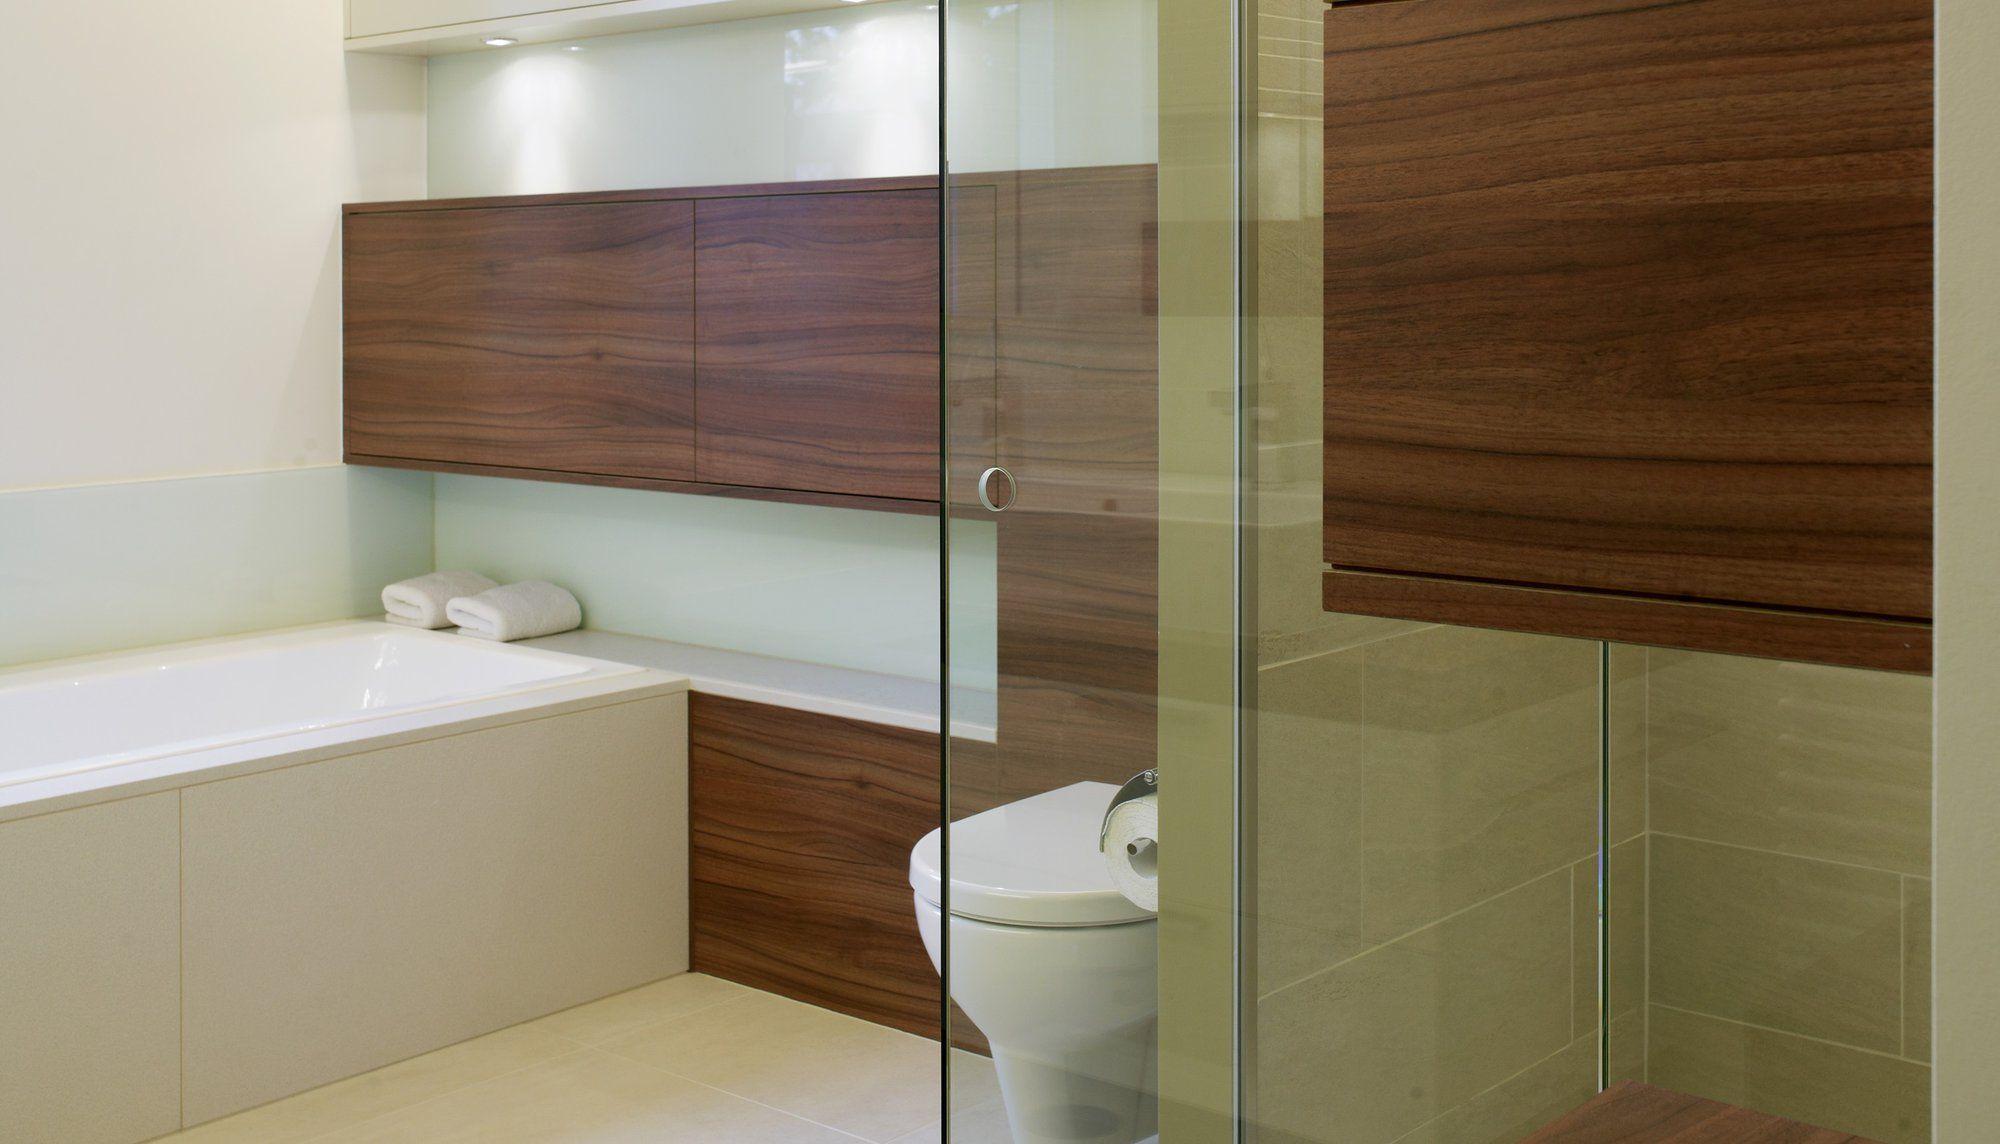 Awesome Badezimmer Renovieren Planen Contemporary - Die besten ...